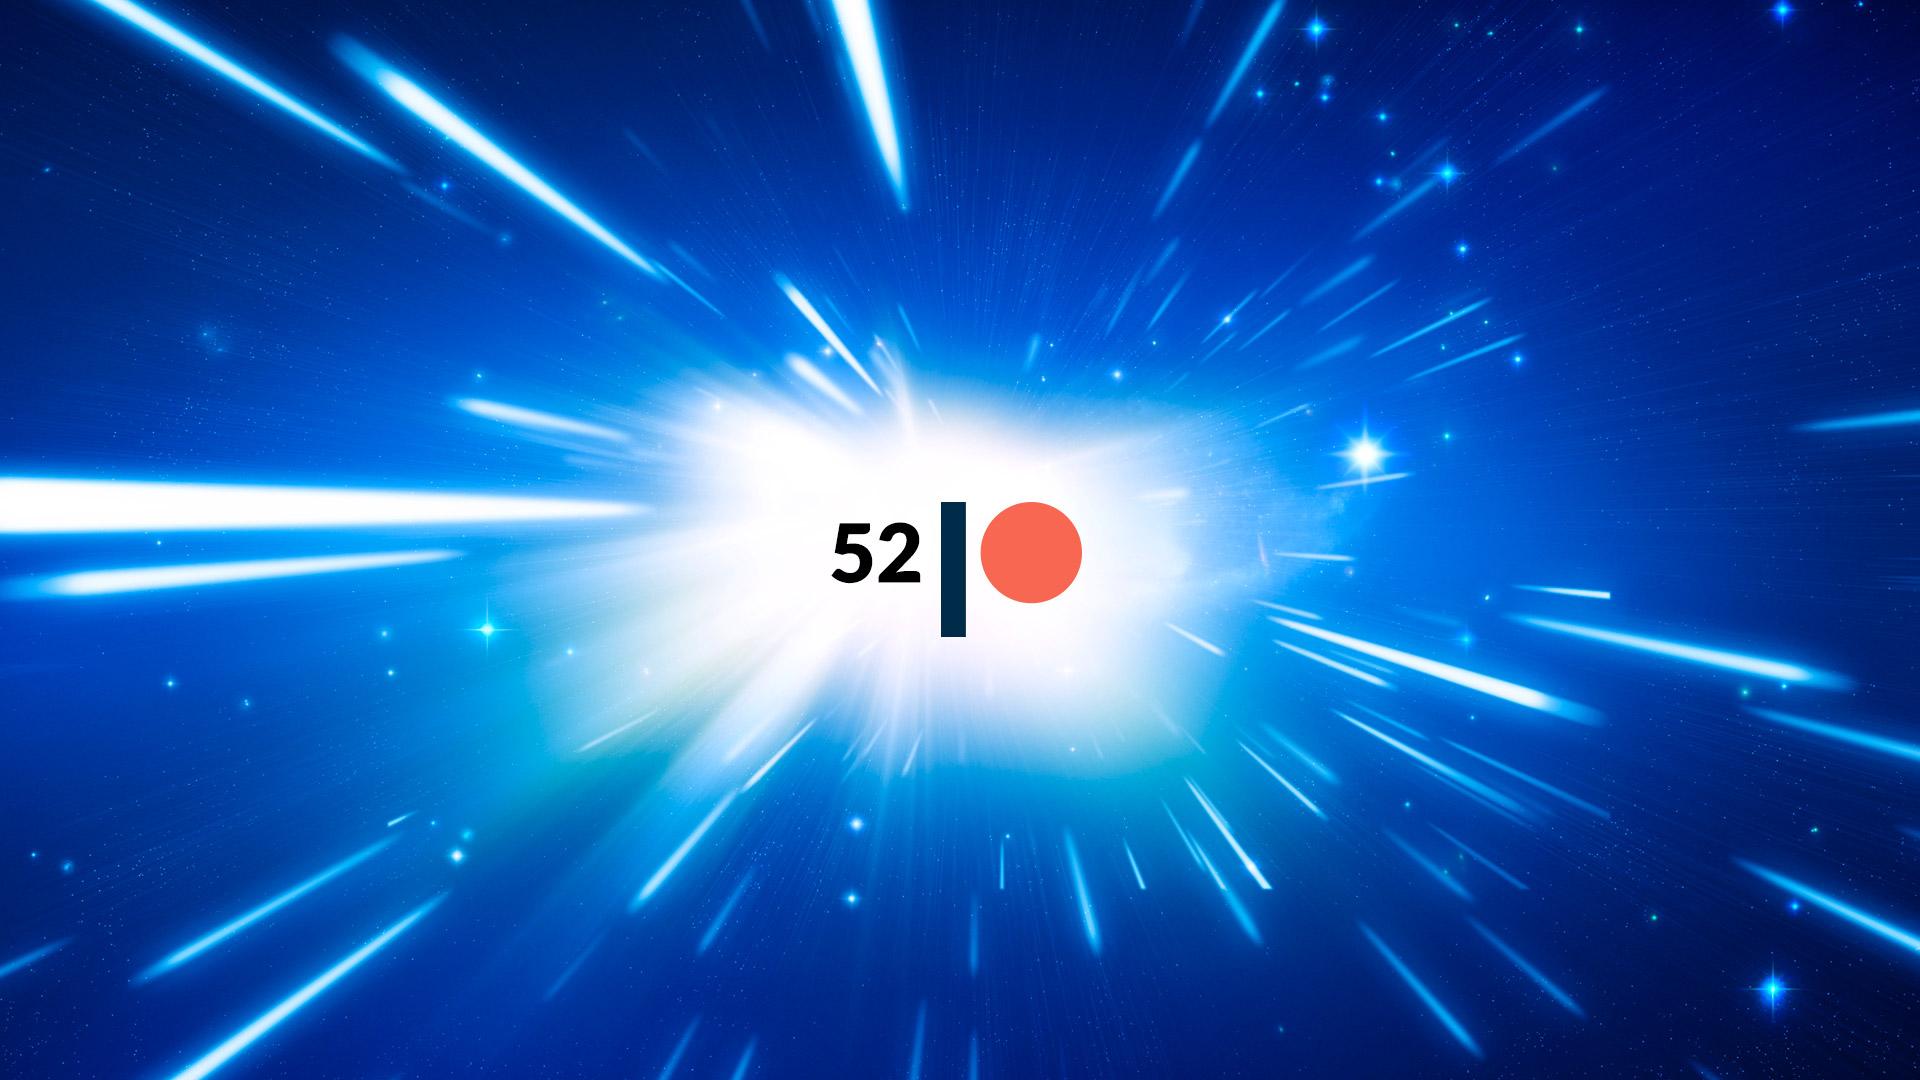 PR-52-Widescreen.jpg